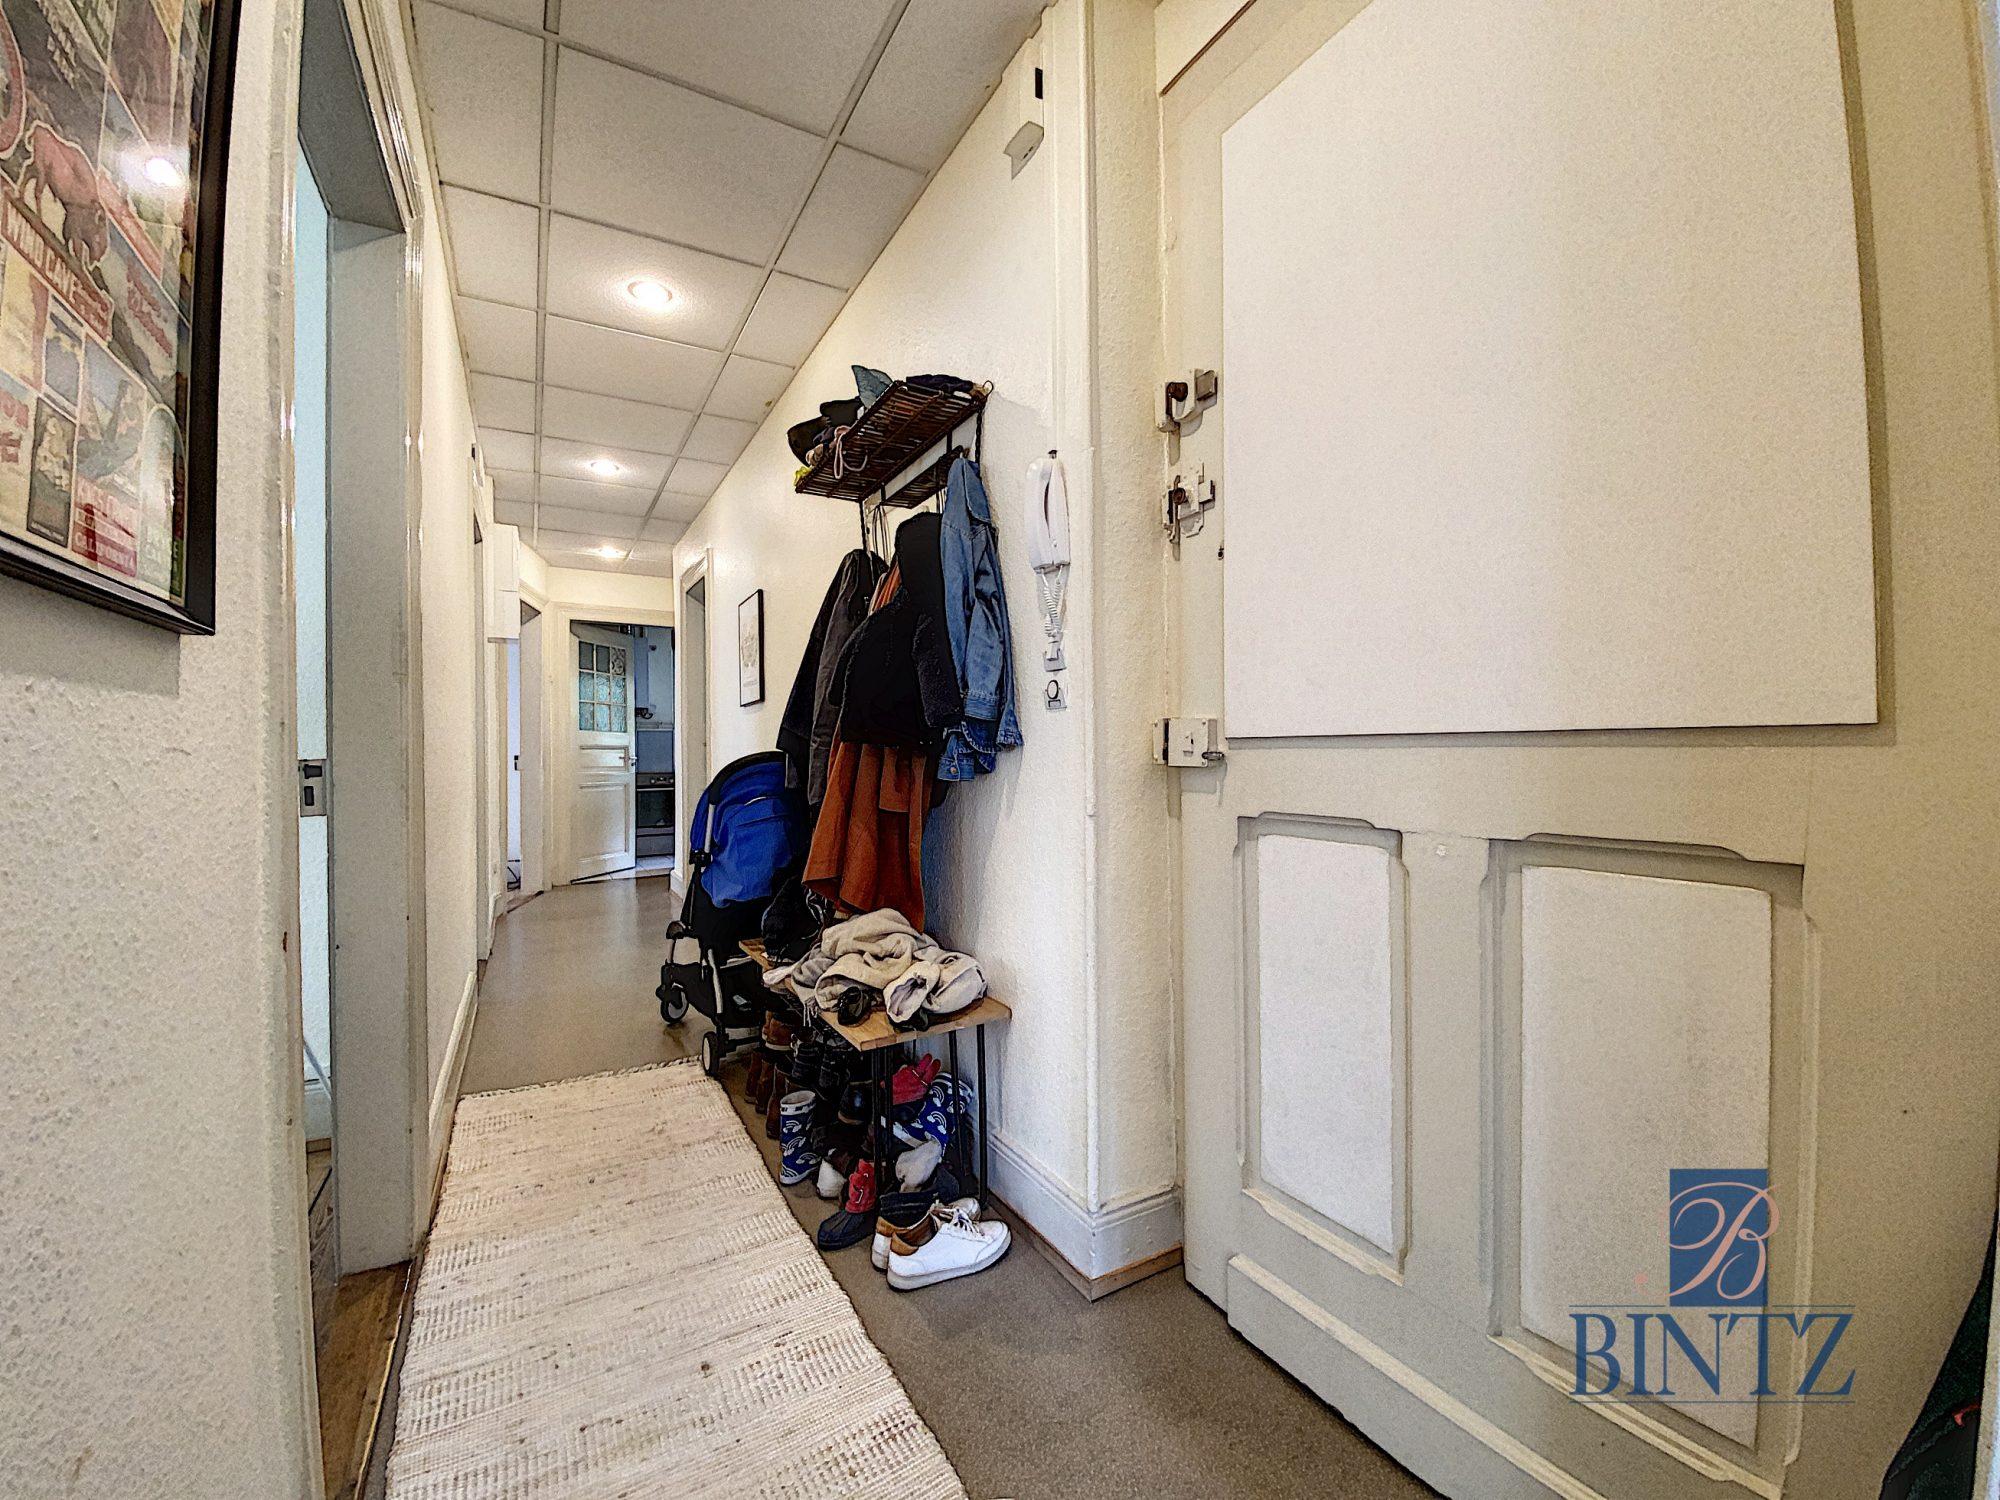 T4 PROCHE ORANGERIE - Devenez locataire en toute sérénité - Bintz Immobilier - 7